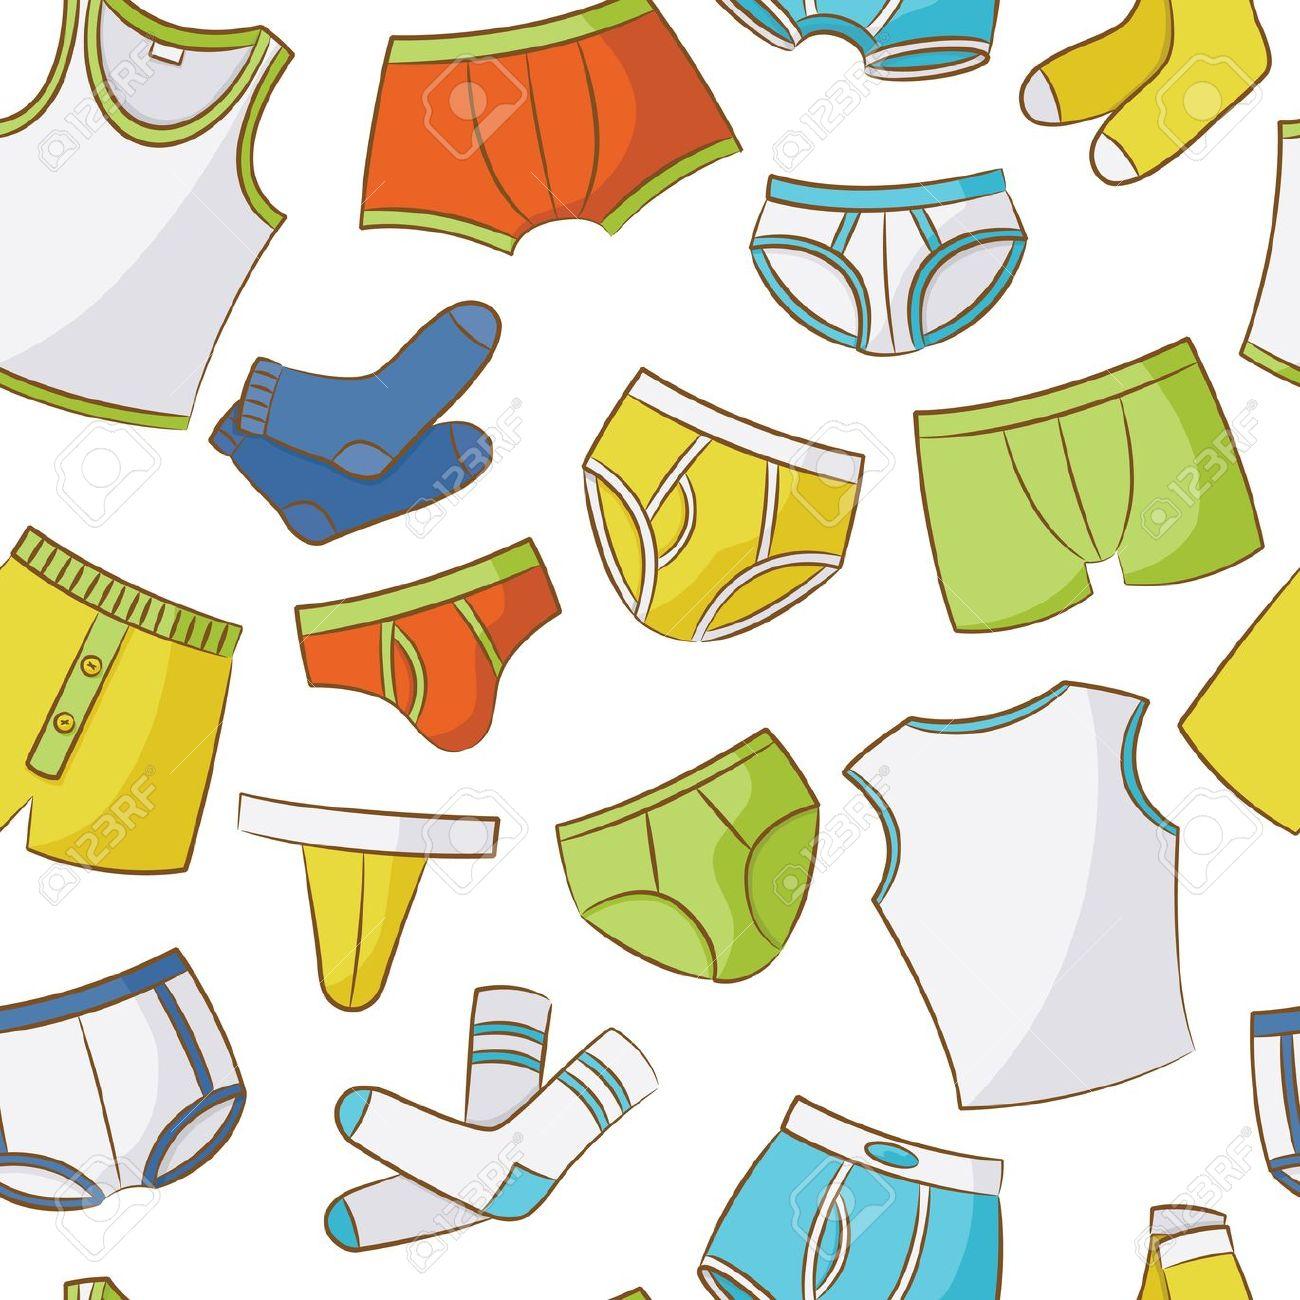 Dirty underwear clipart.